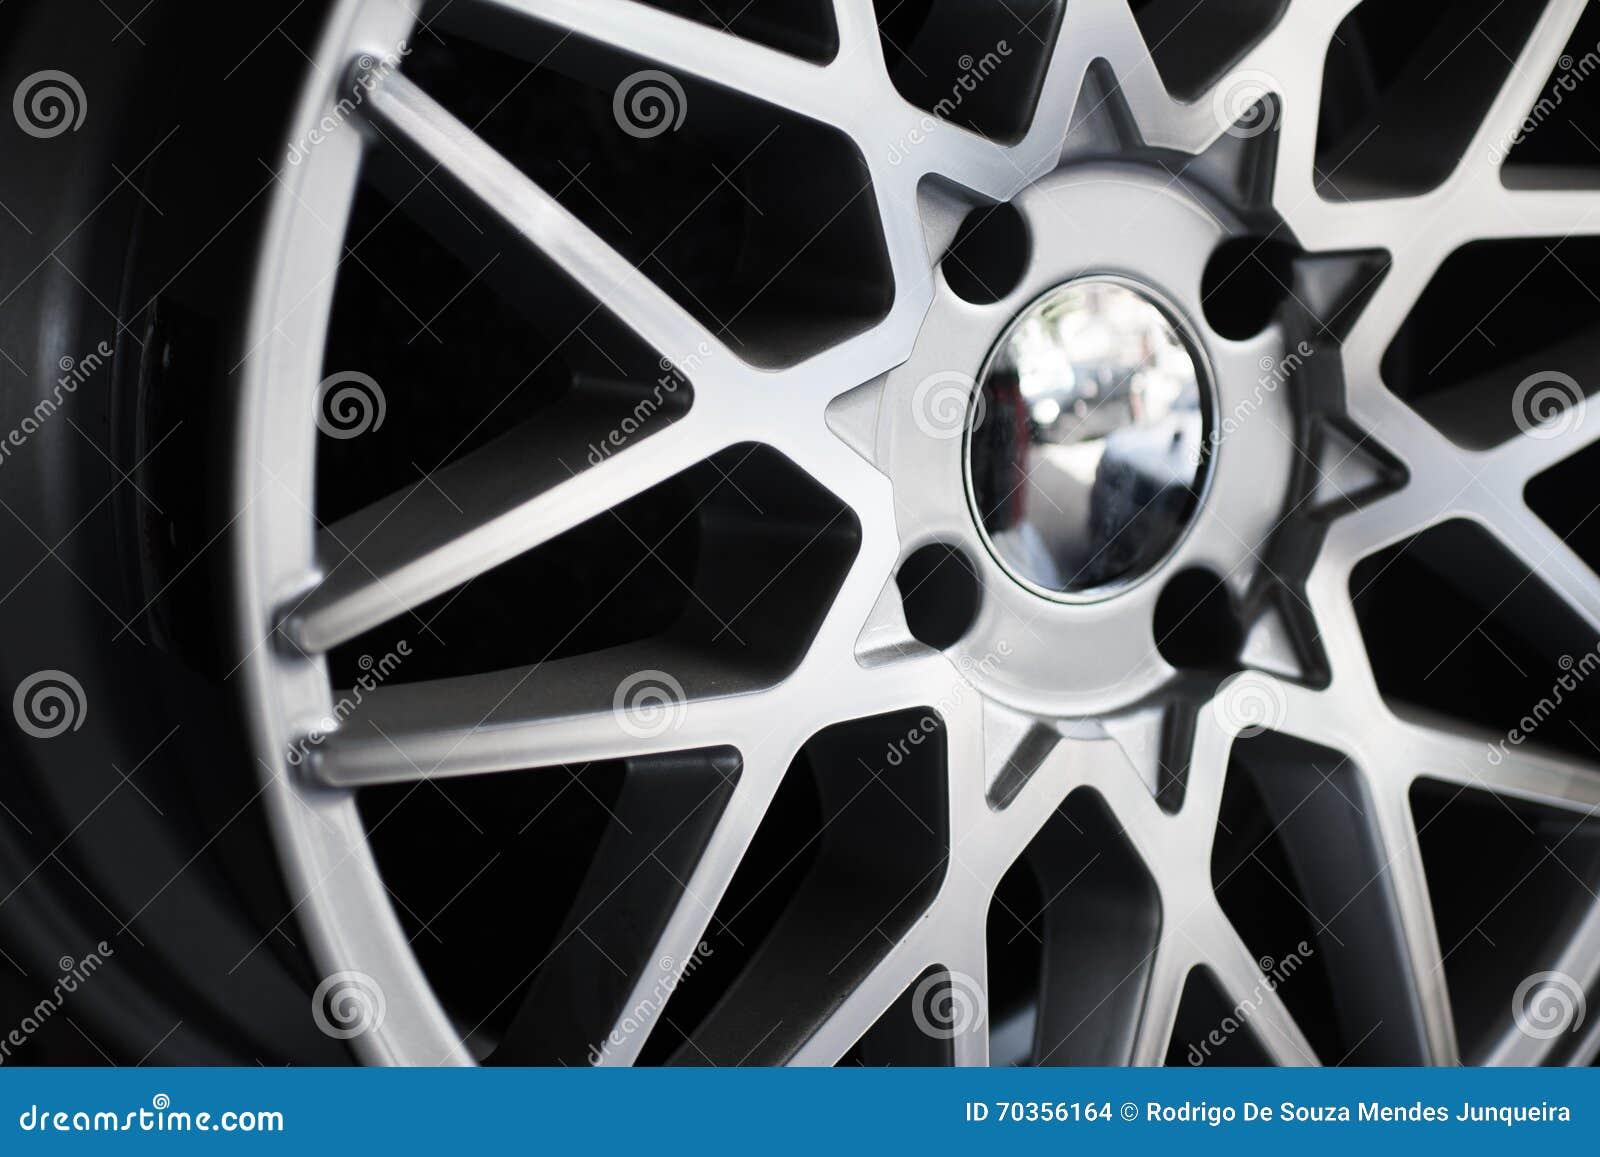 Roda de carro de Chrome